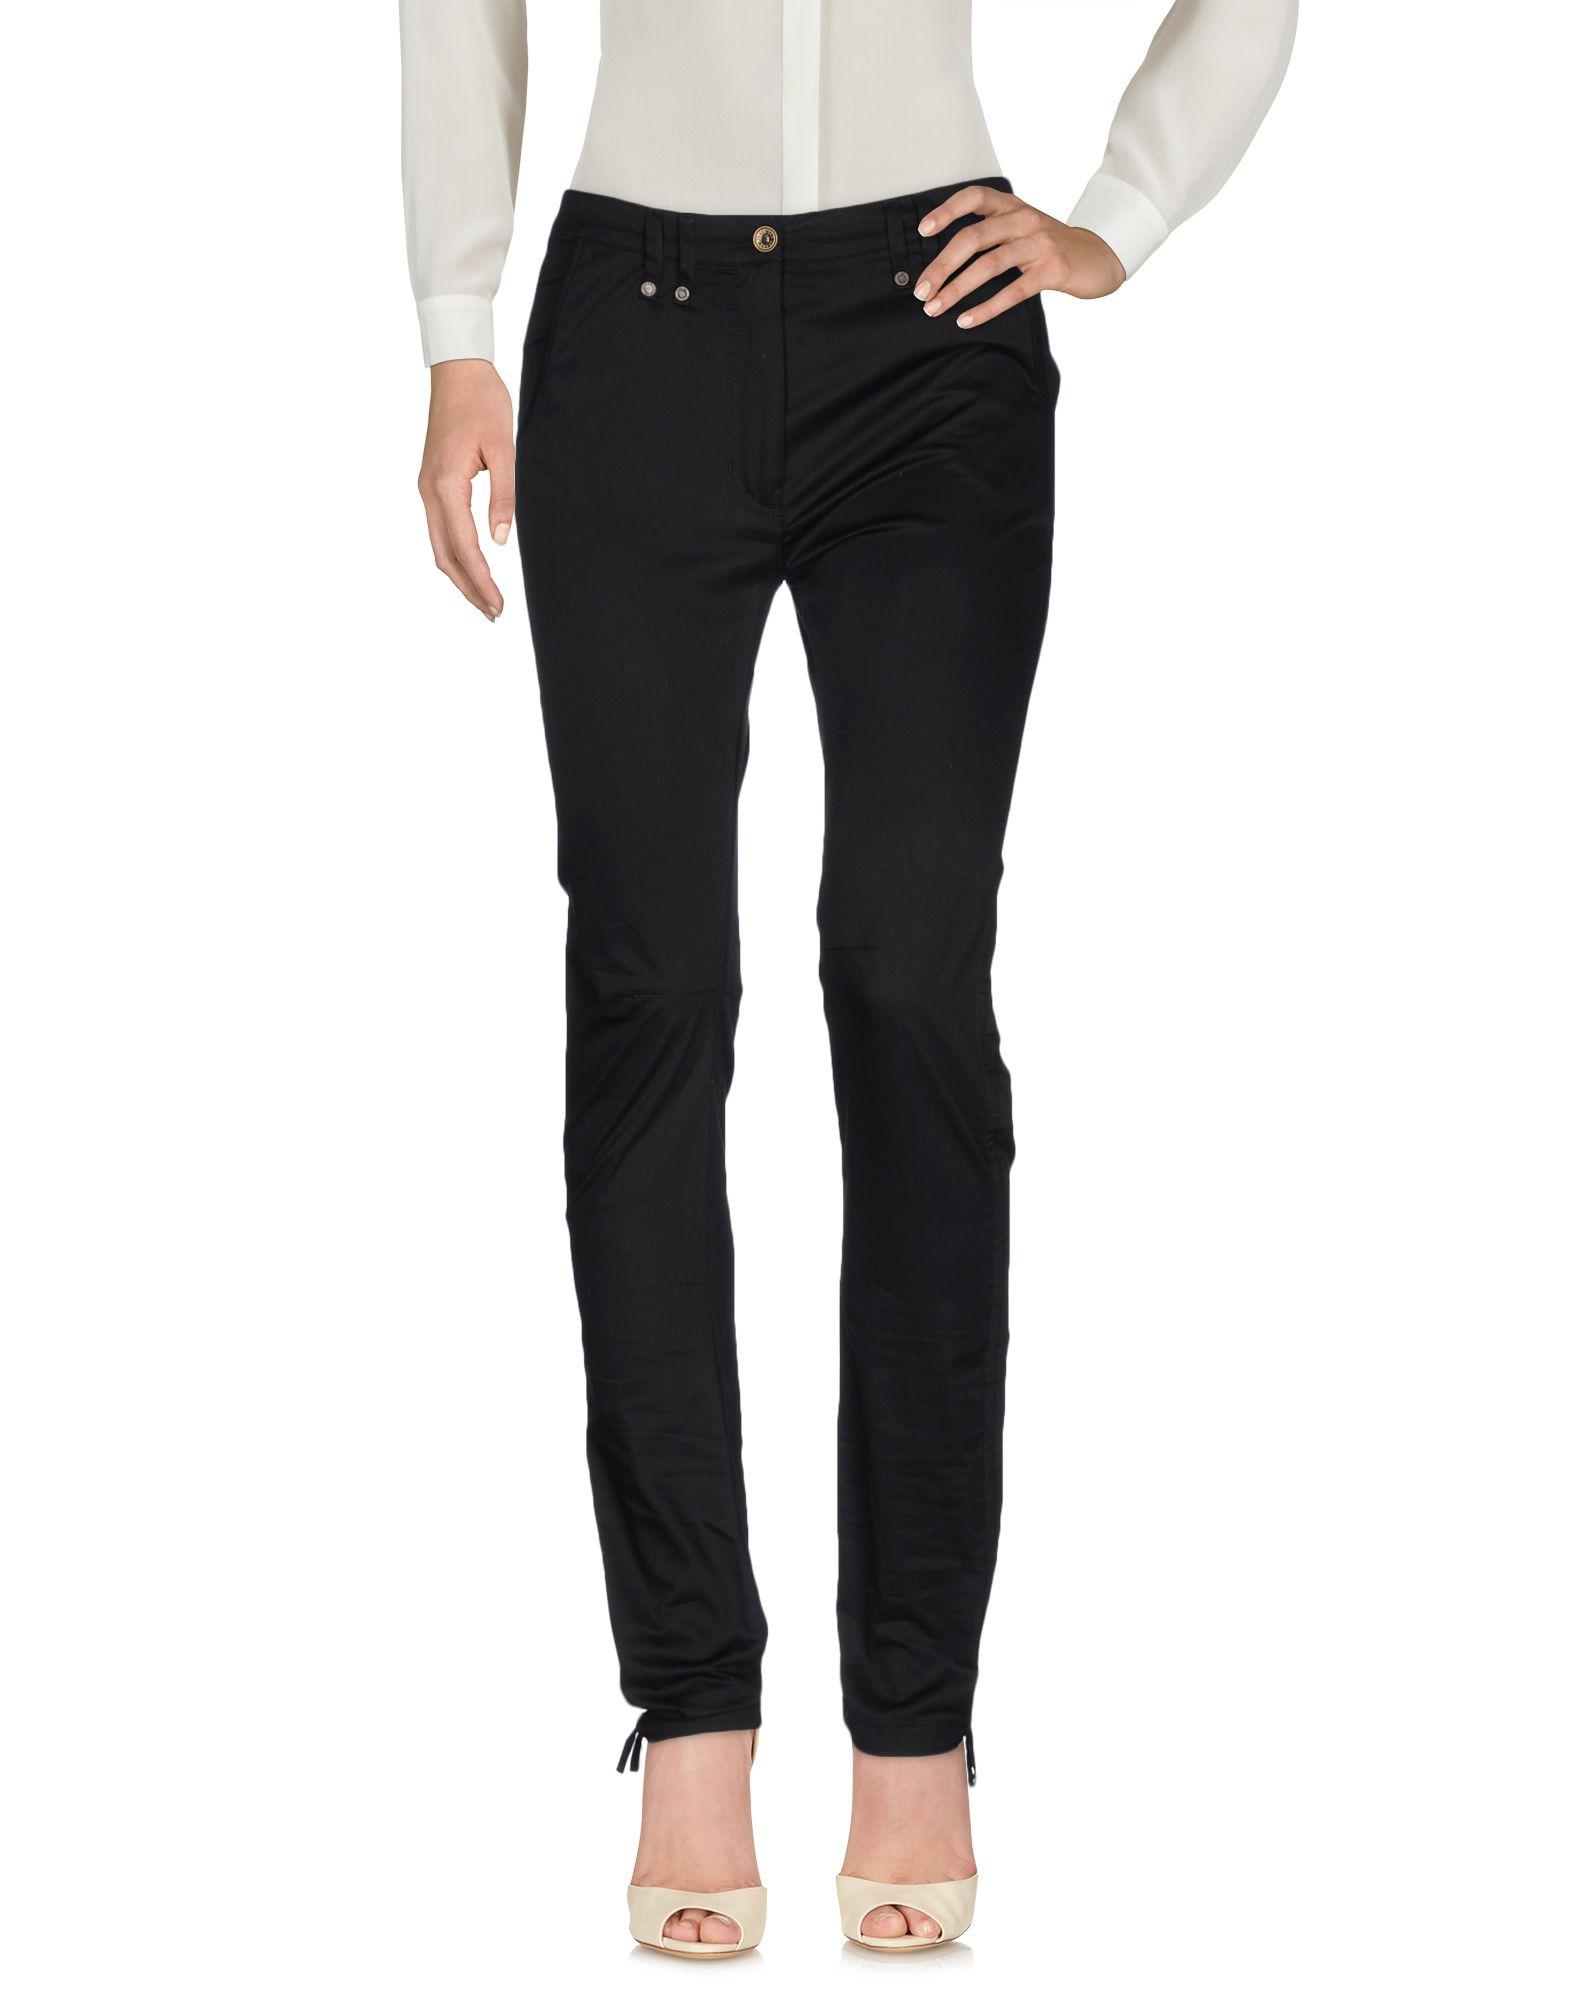 цены на PLEIN SUD JEANIUS Повседневные брюки в интернет-магазинах